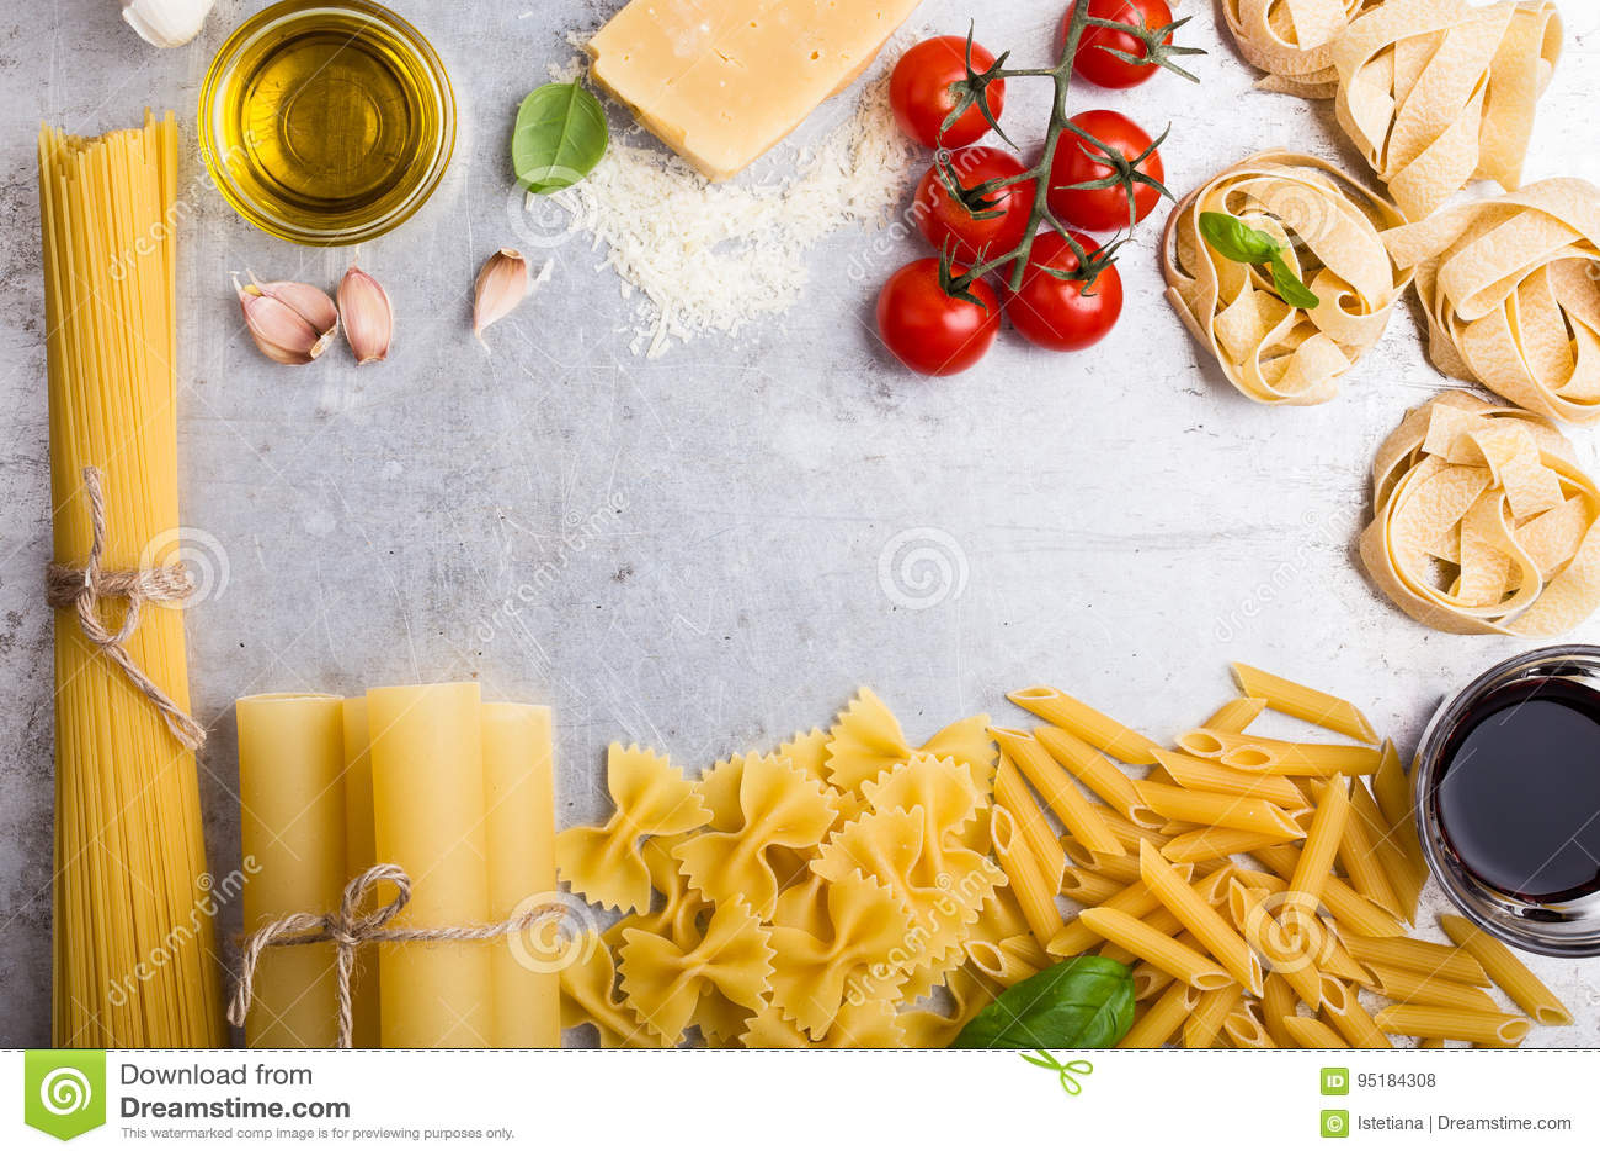 Wunderbar Die Italienische Küche Ideen - Küchenschrank Ideen ...